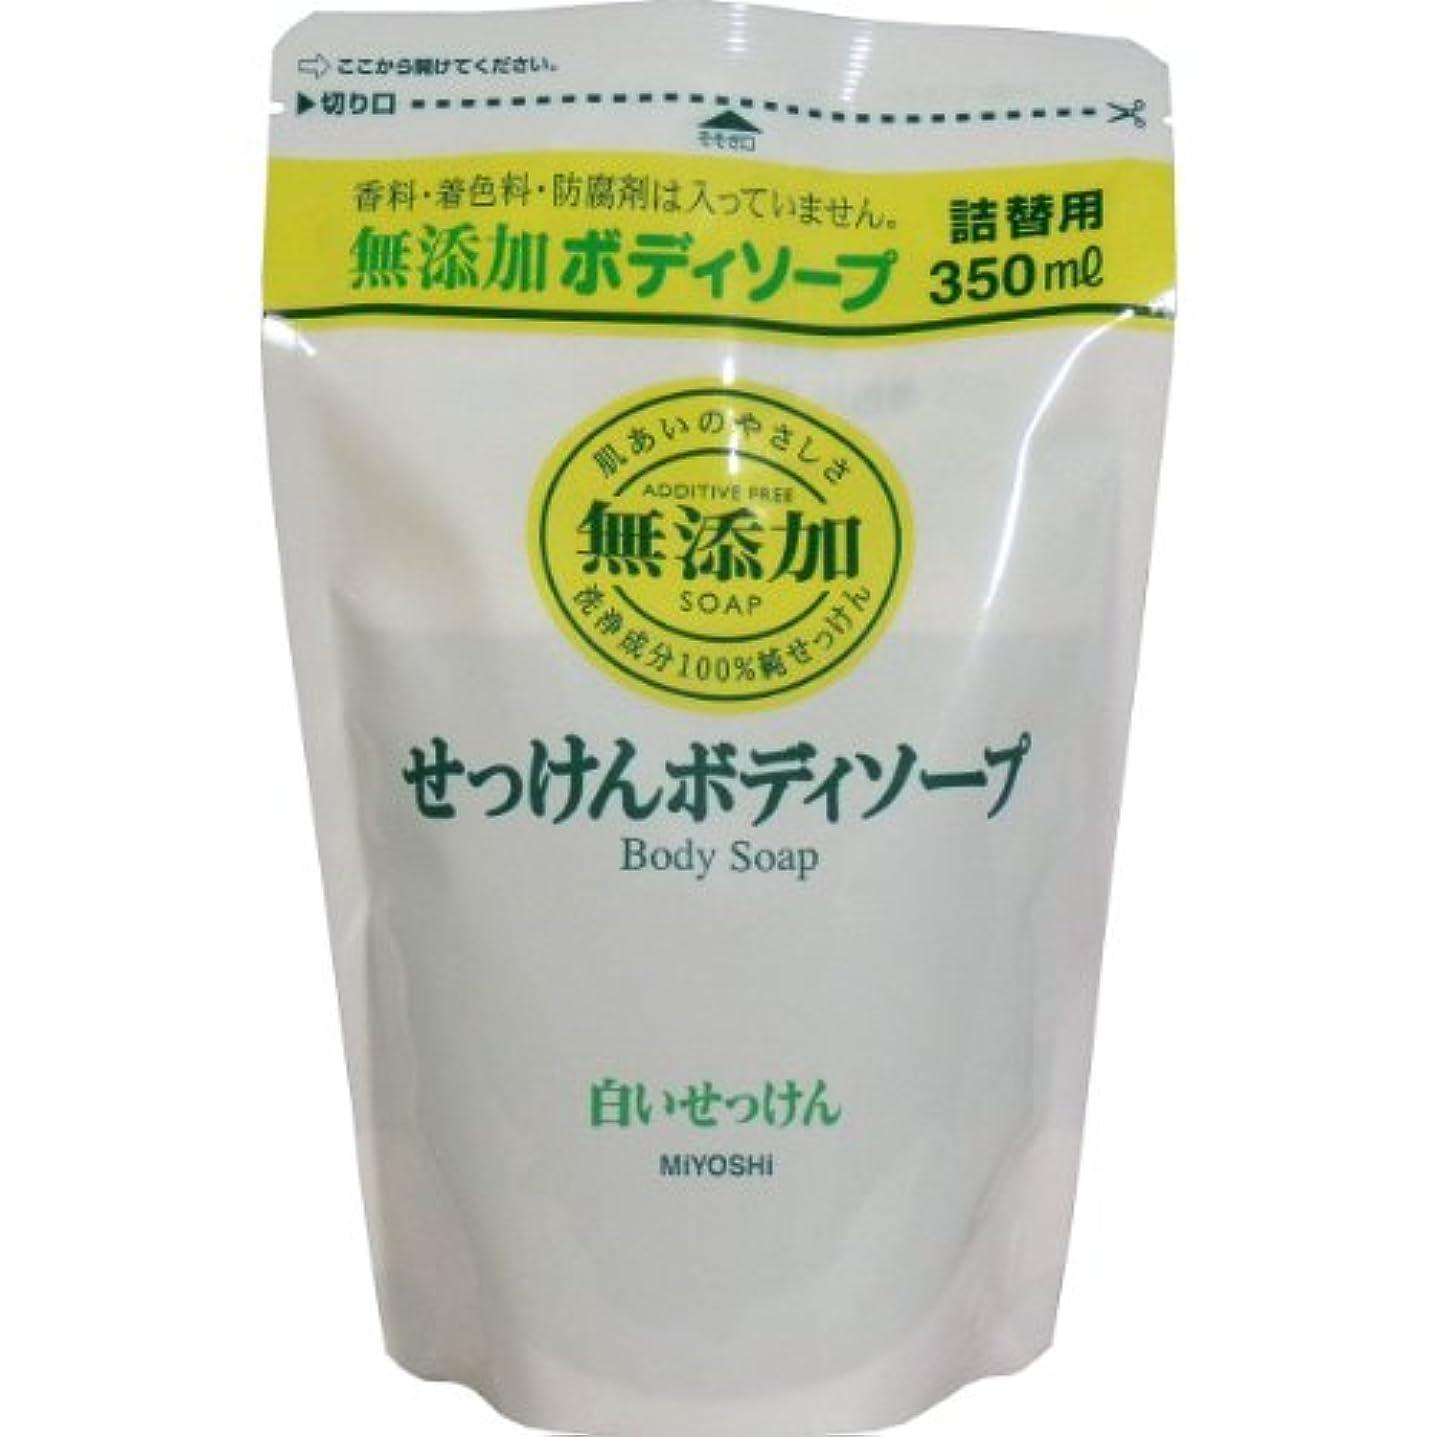 鎮痛剤リンス削るミヨシ 無添加 ボディソープ 白い石けん つめかえ用 350ml(無添加石鹸) x 10個セット